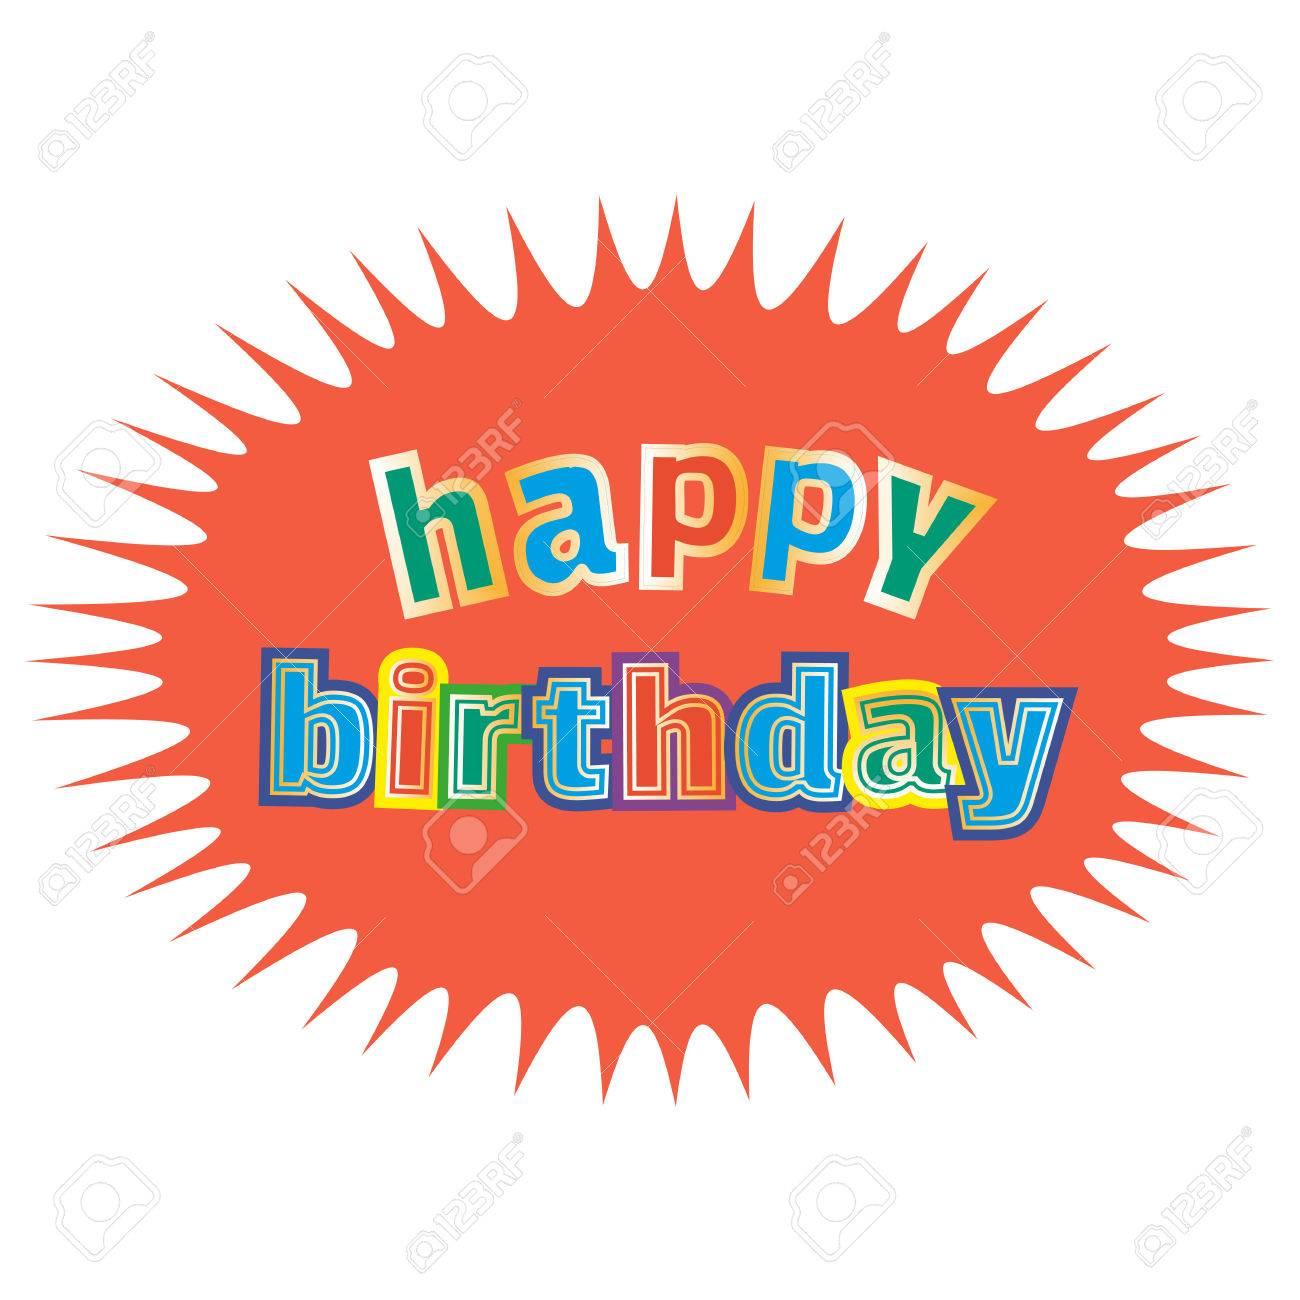 Ausmalbilder Zum 44 Geburtstag : Gro Artig Alles Gute Zum Geburtstag Opa F Rbung Seite Ideen